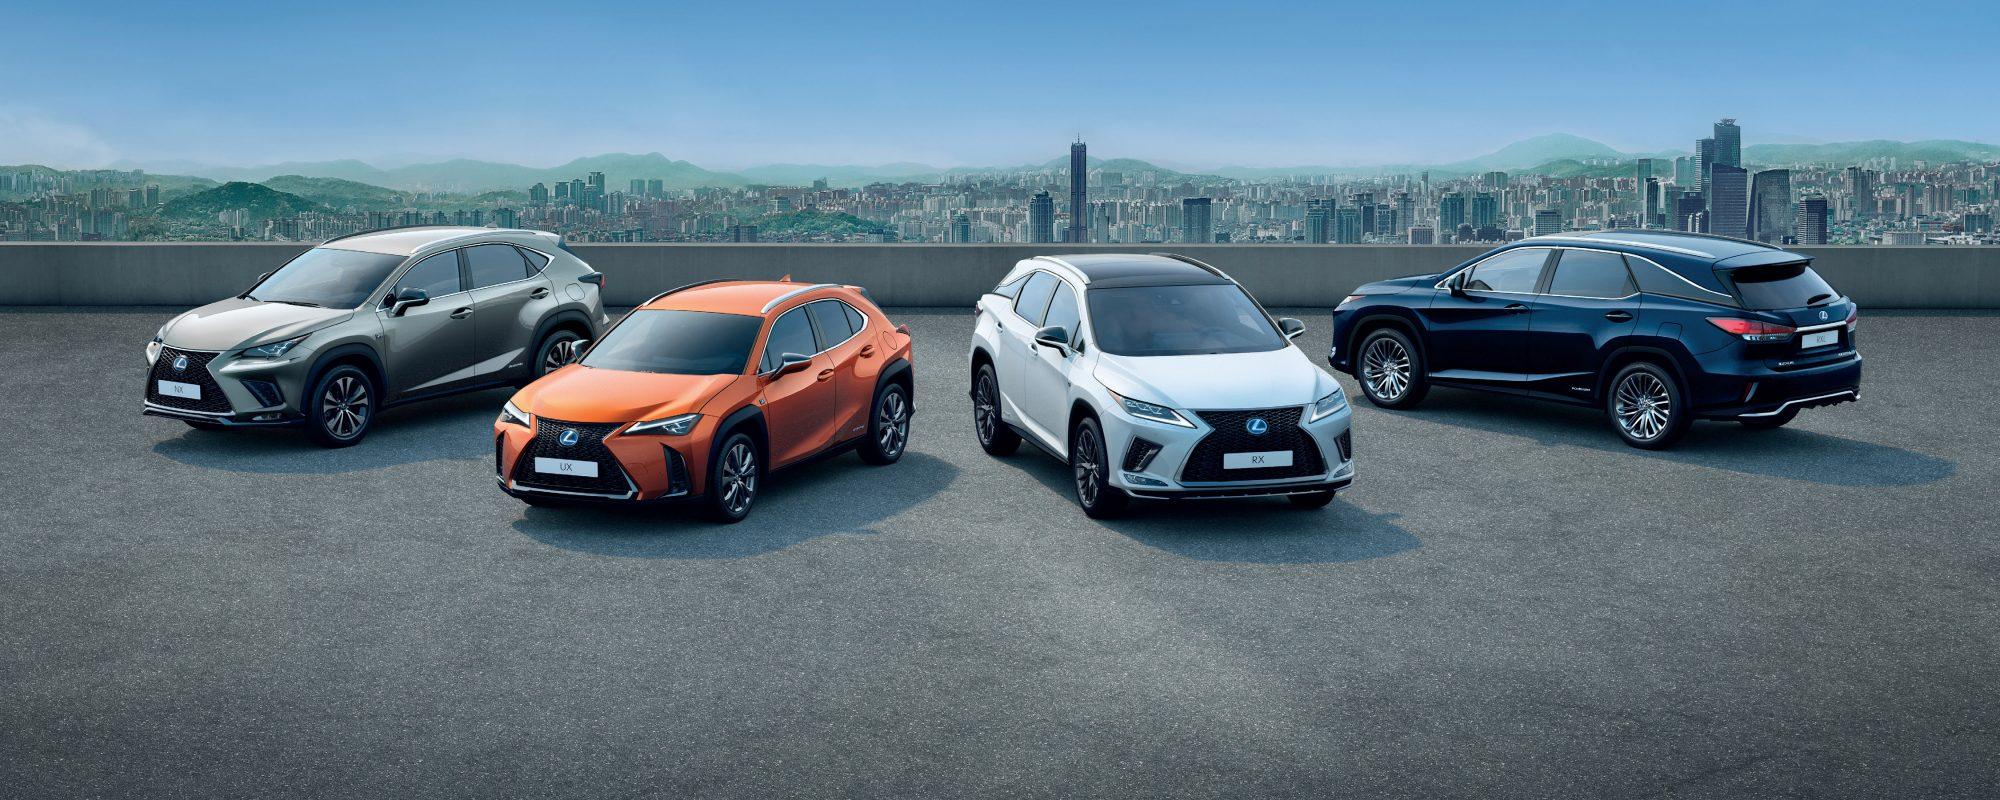 Nieuw verkooprecord én zesde jaar van groei op rij voor Lexus in Europa